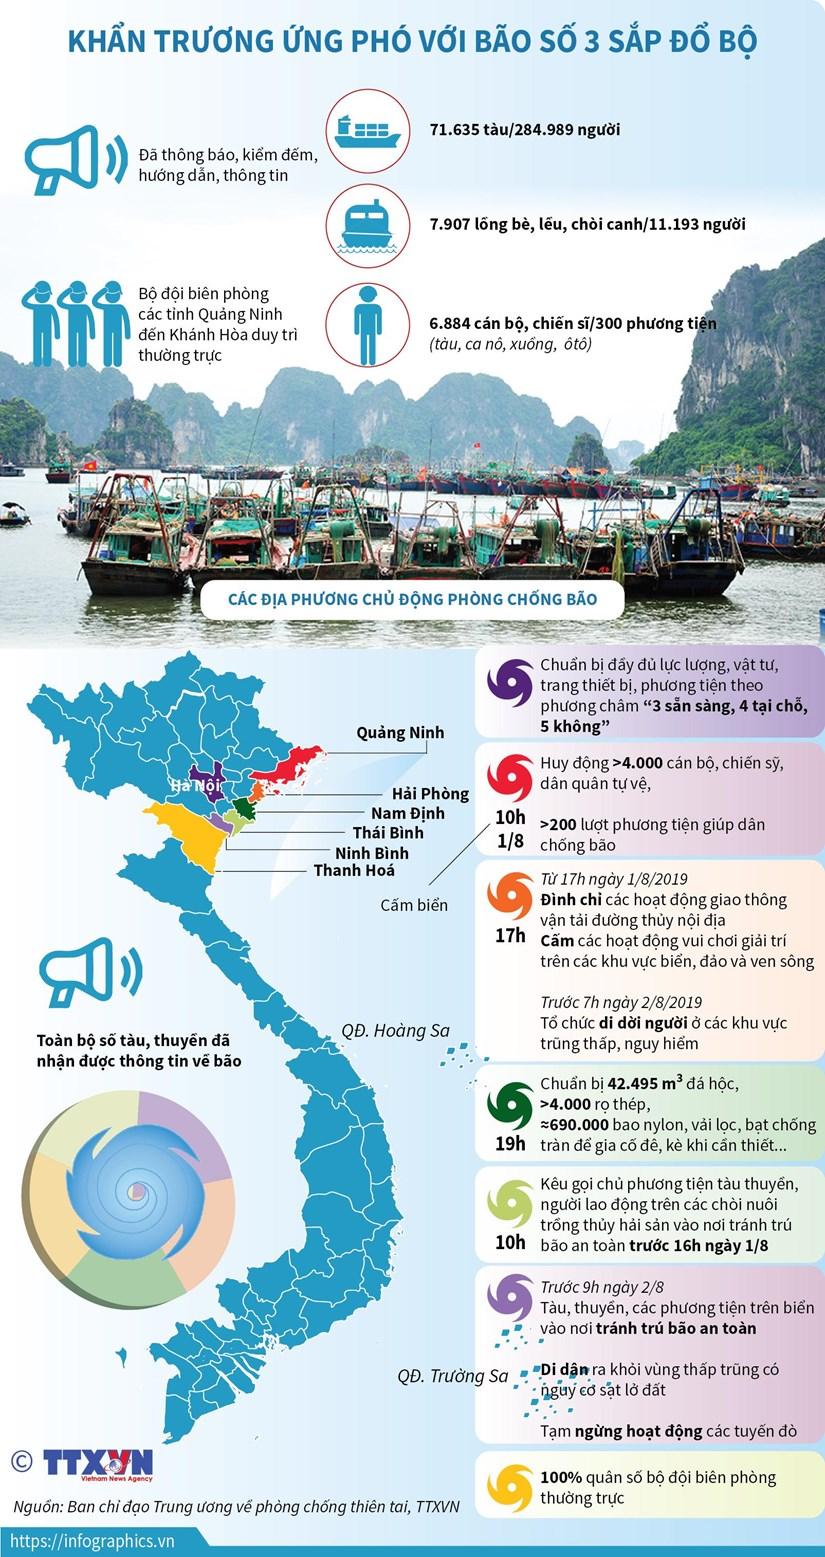 [Infographics] Khan truong ung pho voi bao so 3 sap do bo hinh anh 1